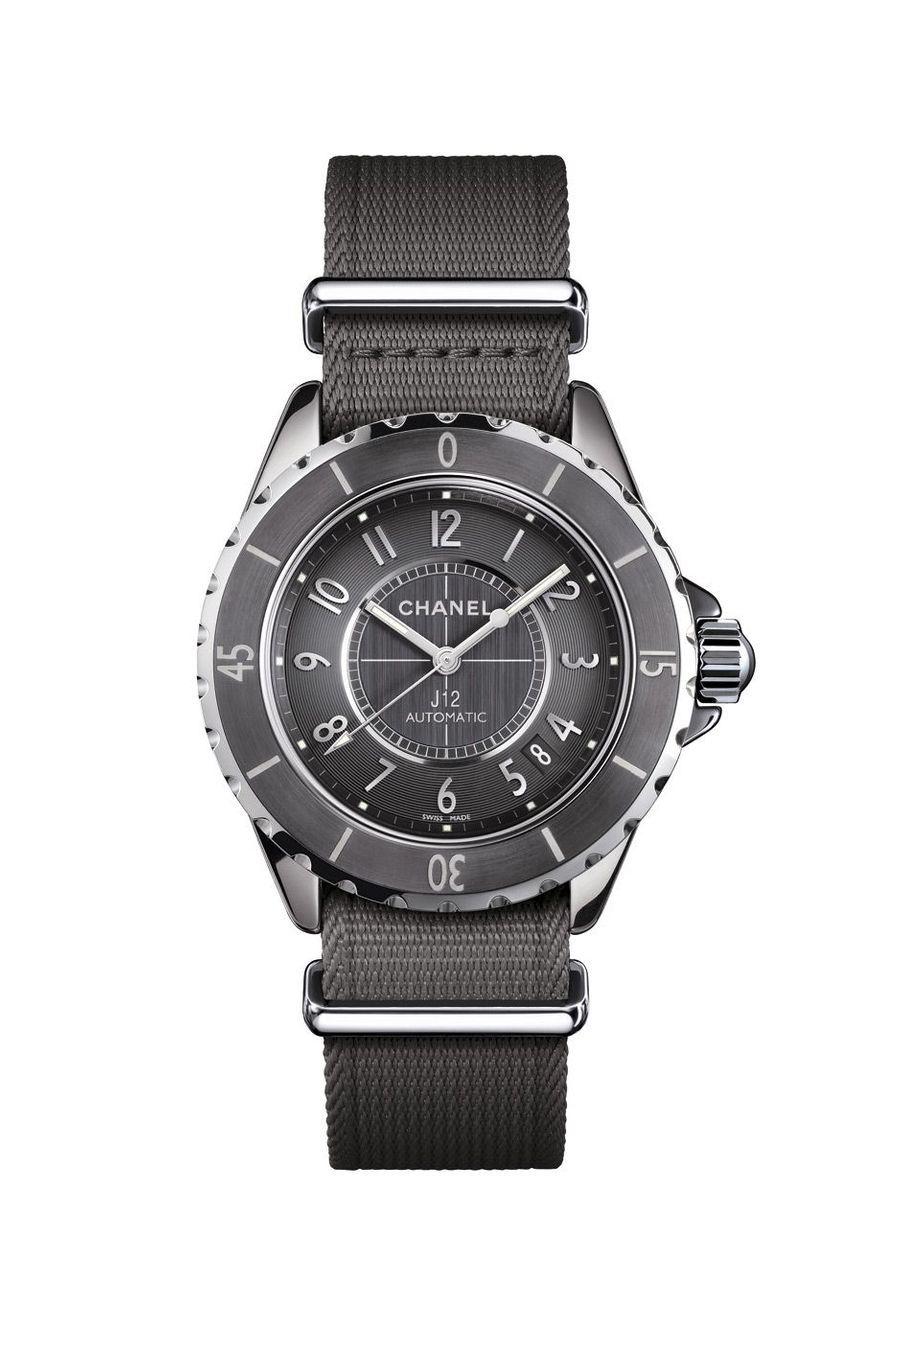 J12-G.10 en céramique titane et acier, 38 mm, mouvement automatique. Chanel. 4 500 €.